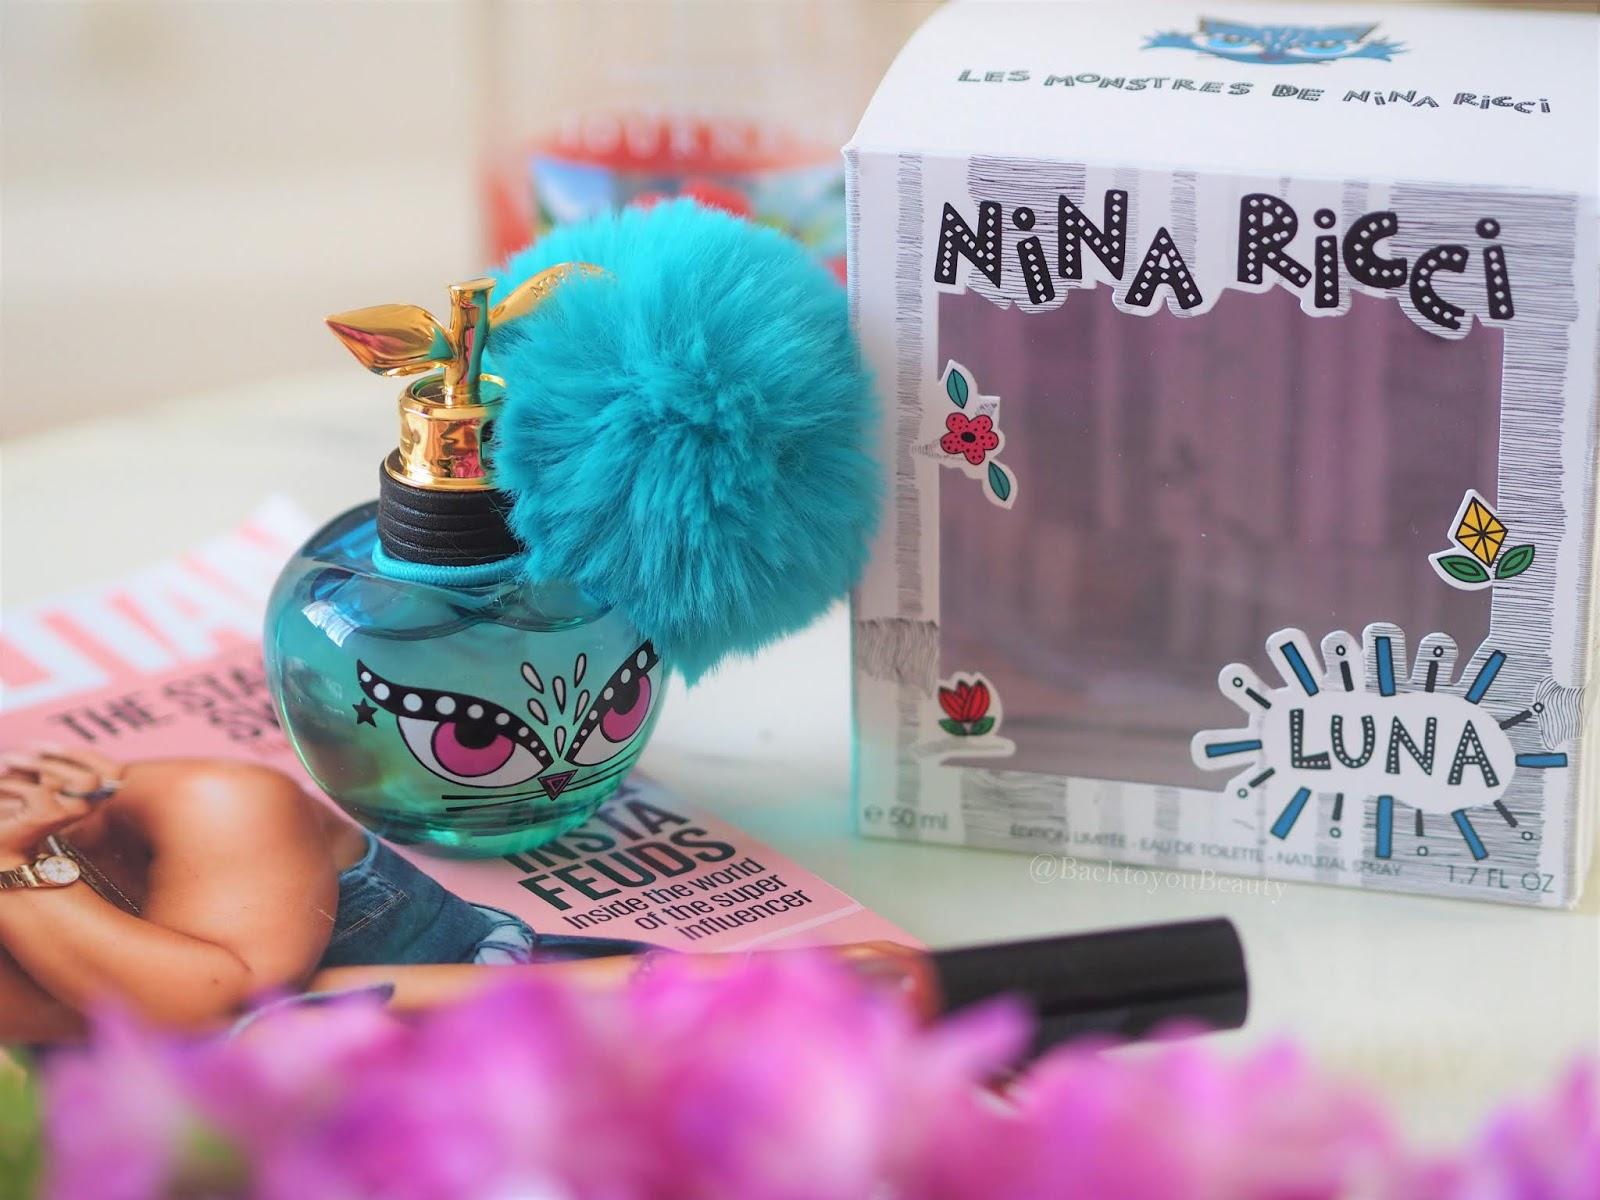 Nina ricci luna box